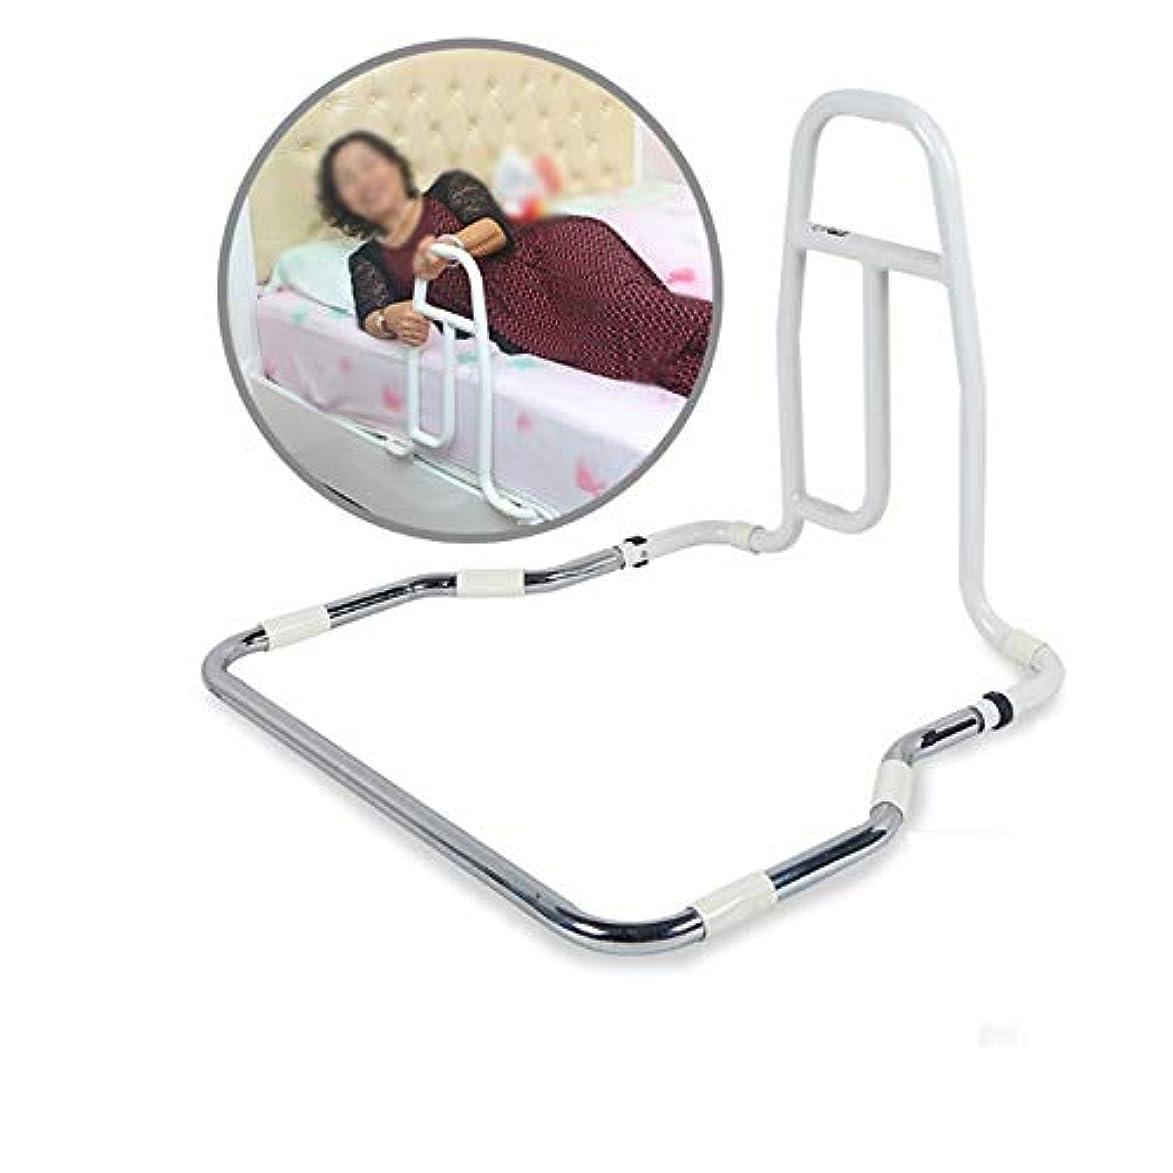 錆びディレクター解明するベッドグラブレール、安全な高さ調節可能なレール、ベッドの出入りを支援、安定補助具、高齢者用、身体障害者、障害者、ディバンベッドグラブハンドル